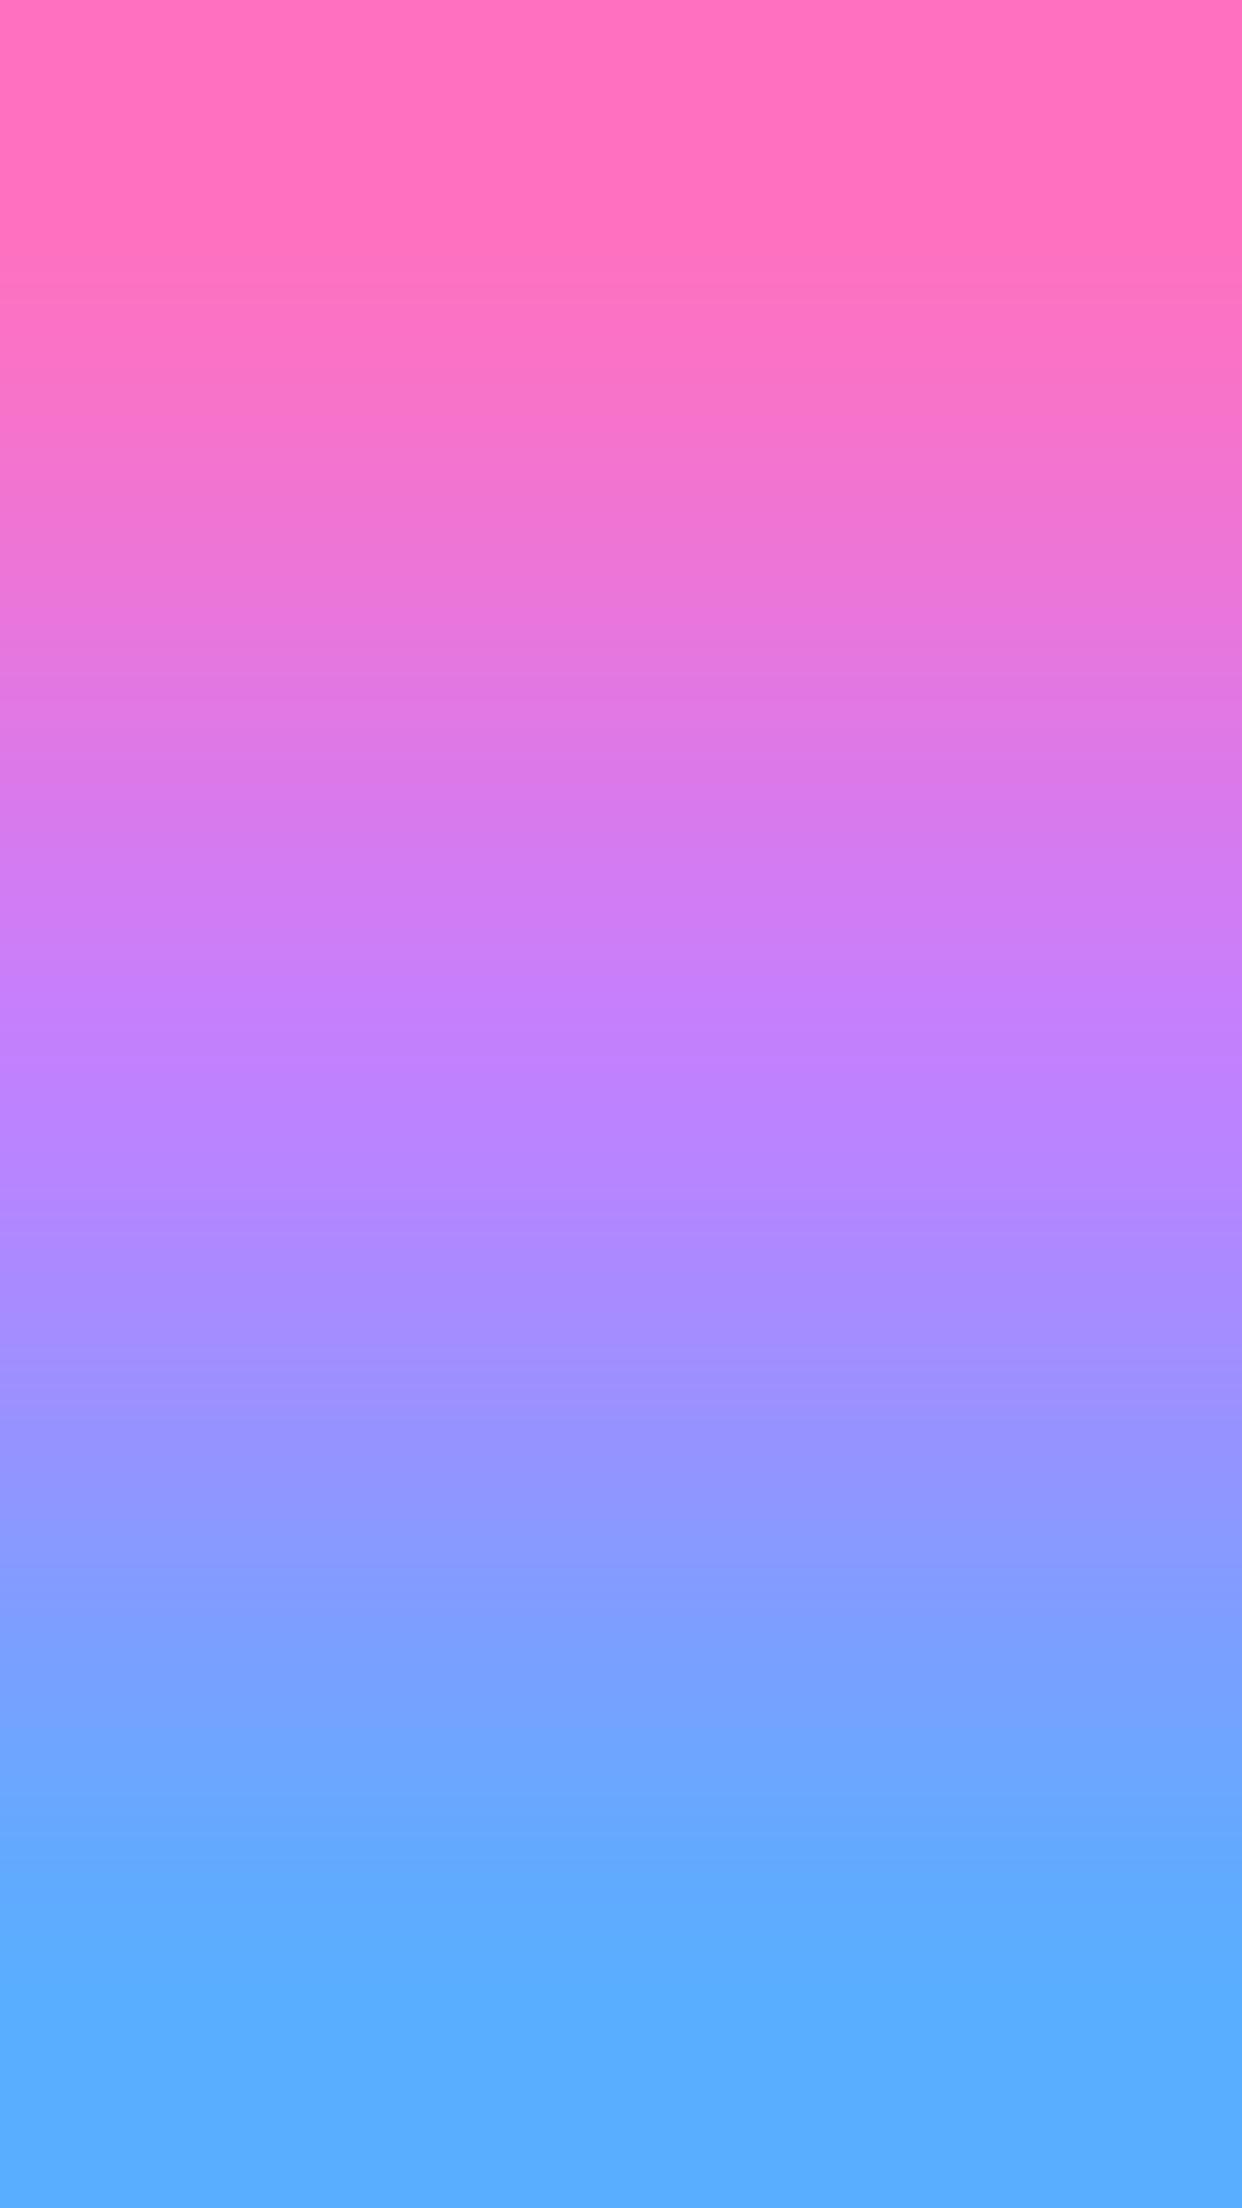 Pink Purple Blue Violet Gradient Ombre Wallpaper Background Hd Iphone Pink Ombre Wallpaper Ombre Wallpaper Iphone Purple Ombre Wallpaper